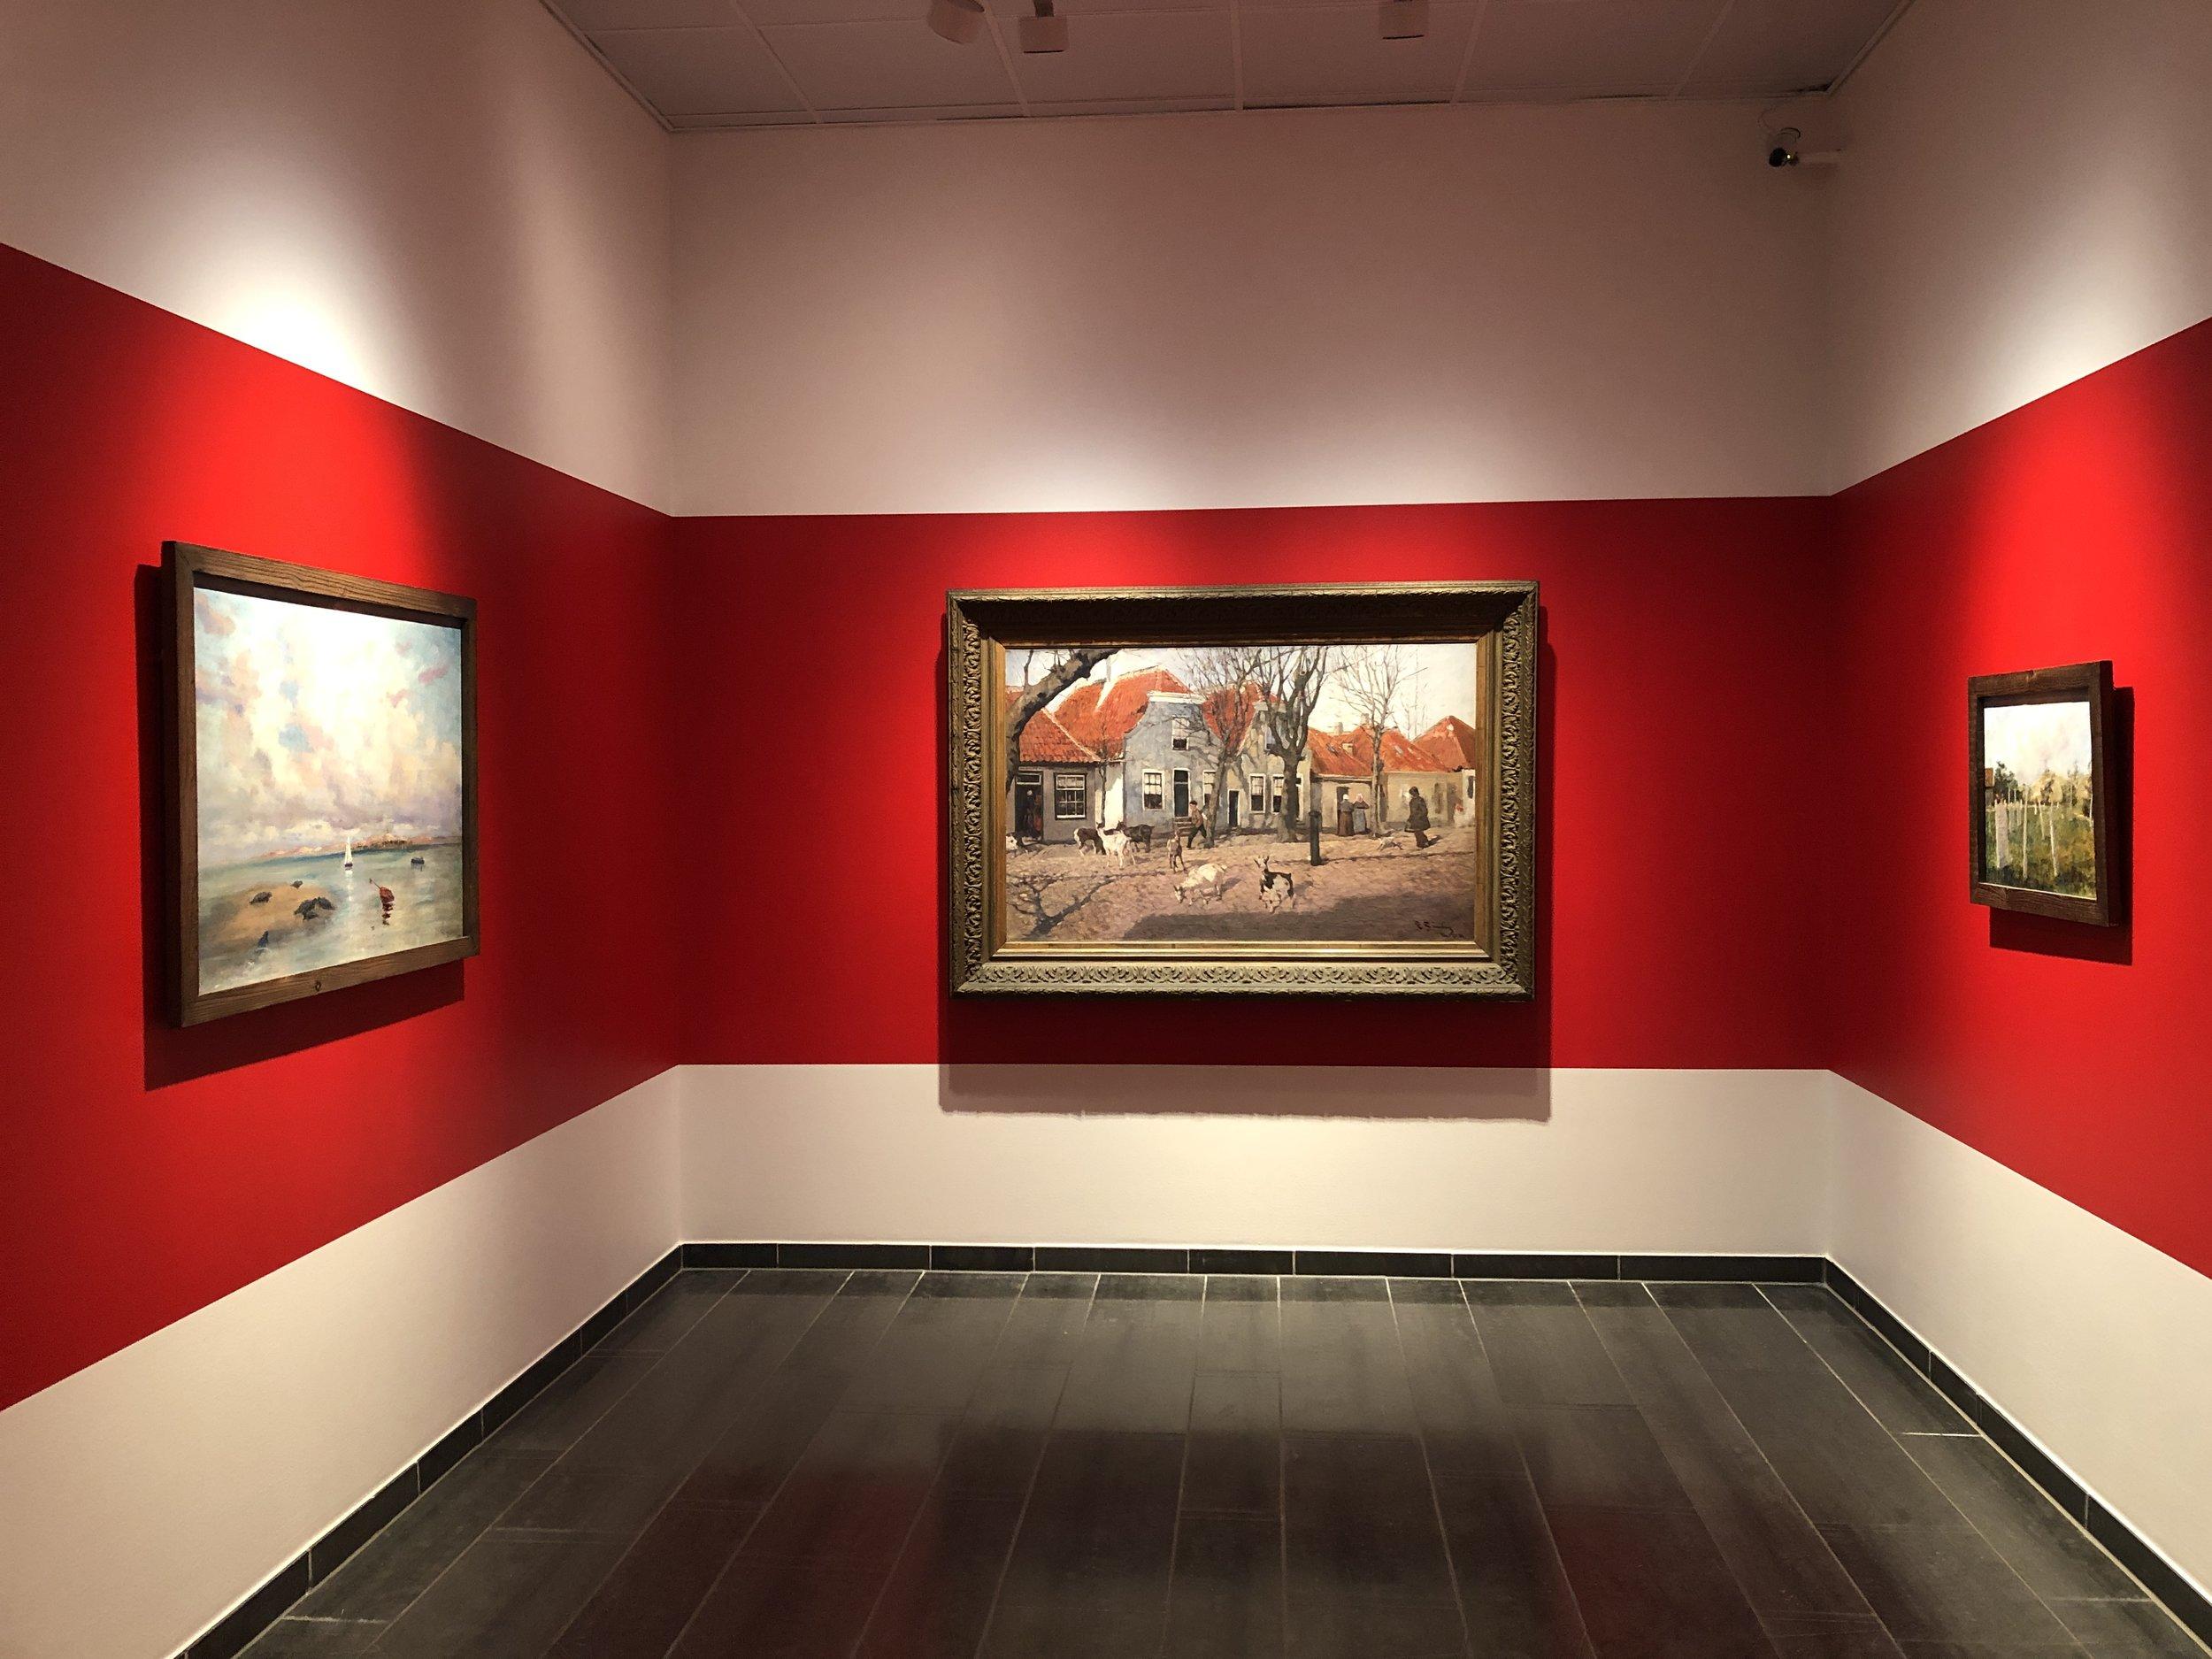 Foto: Kjetil Rydland/Nordnorsk Kunstmuseum